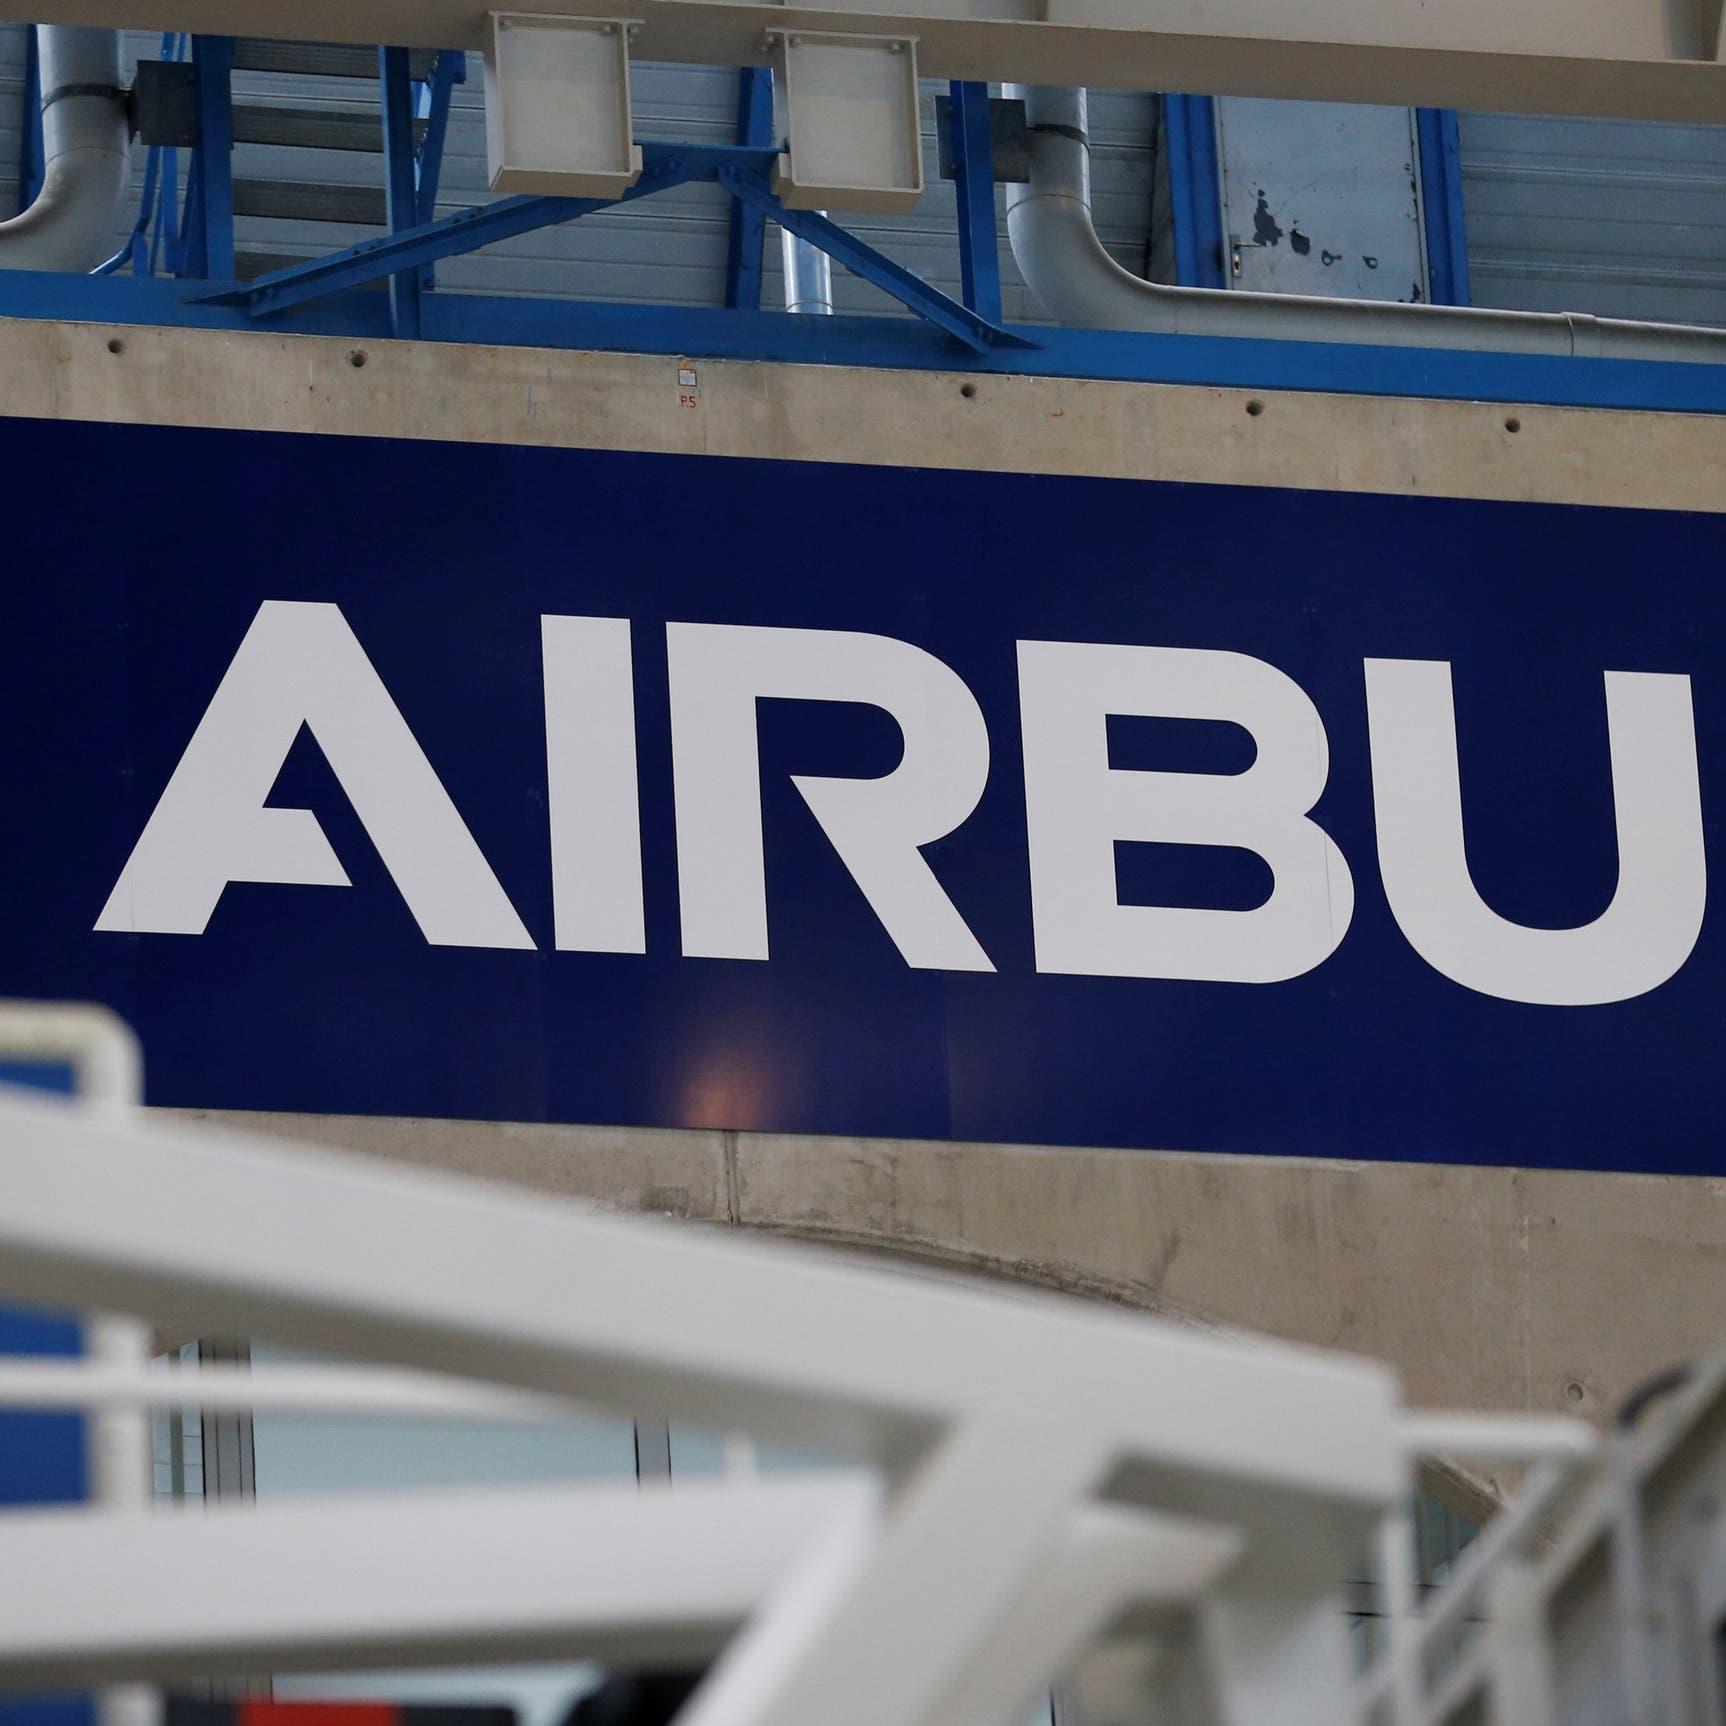 إيرباص تحذر من تسريح إجباري للموظفين بقطاع الطيران